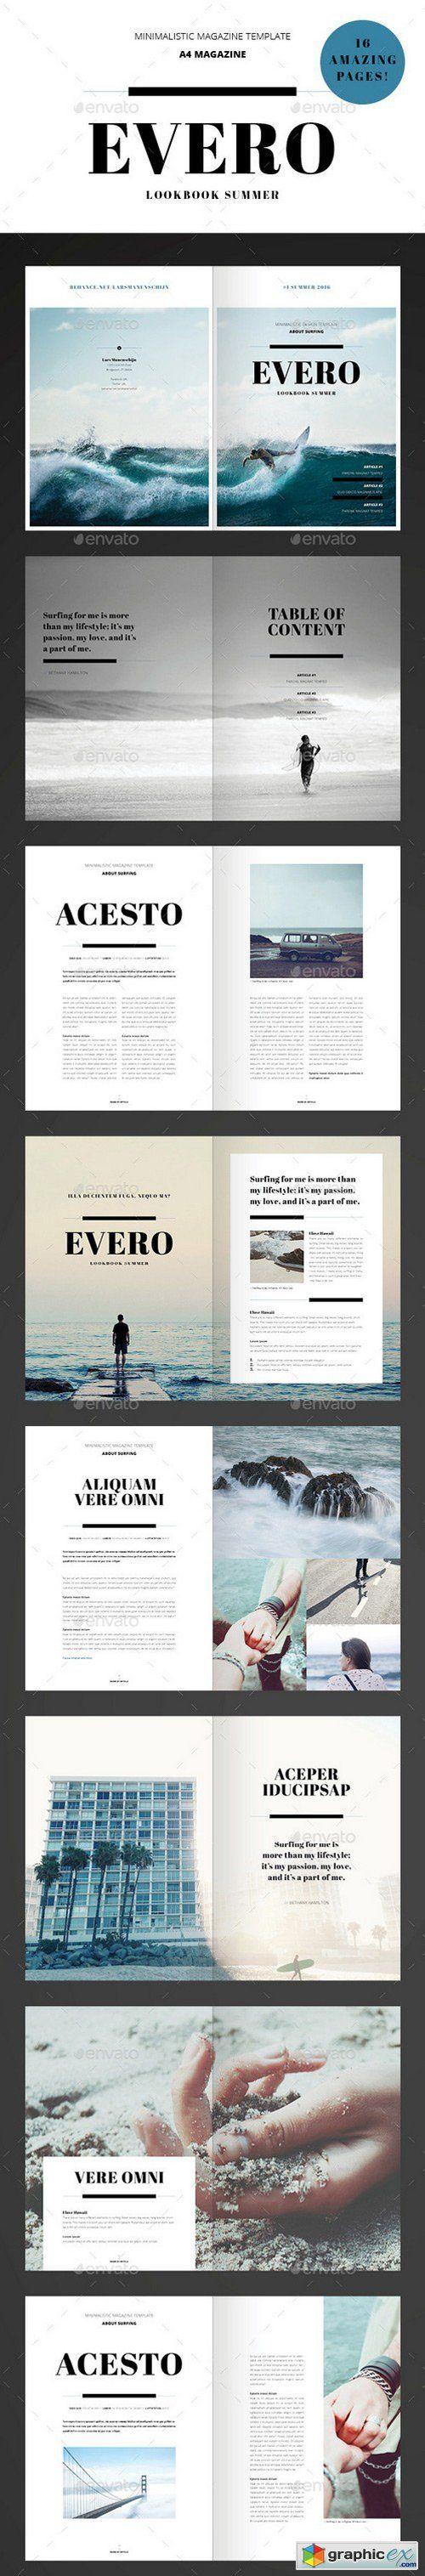 best 25 interior design magazine ideas only on pinterest design book ebook interior or layout